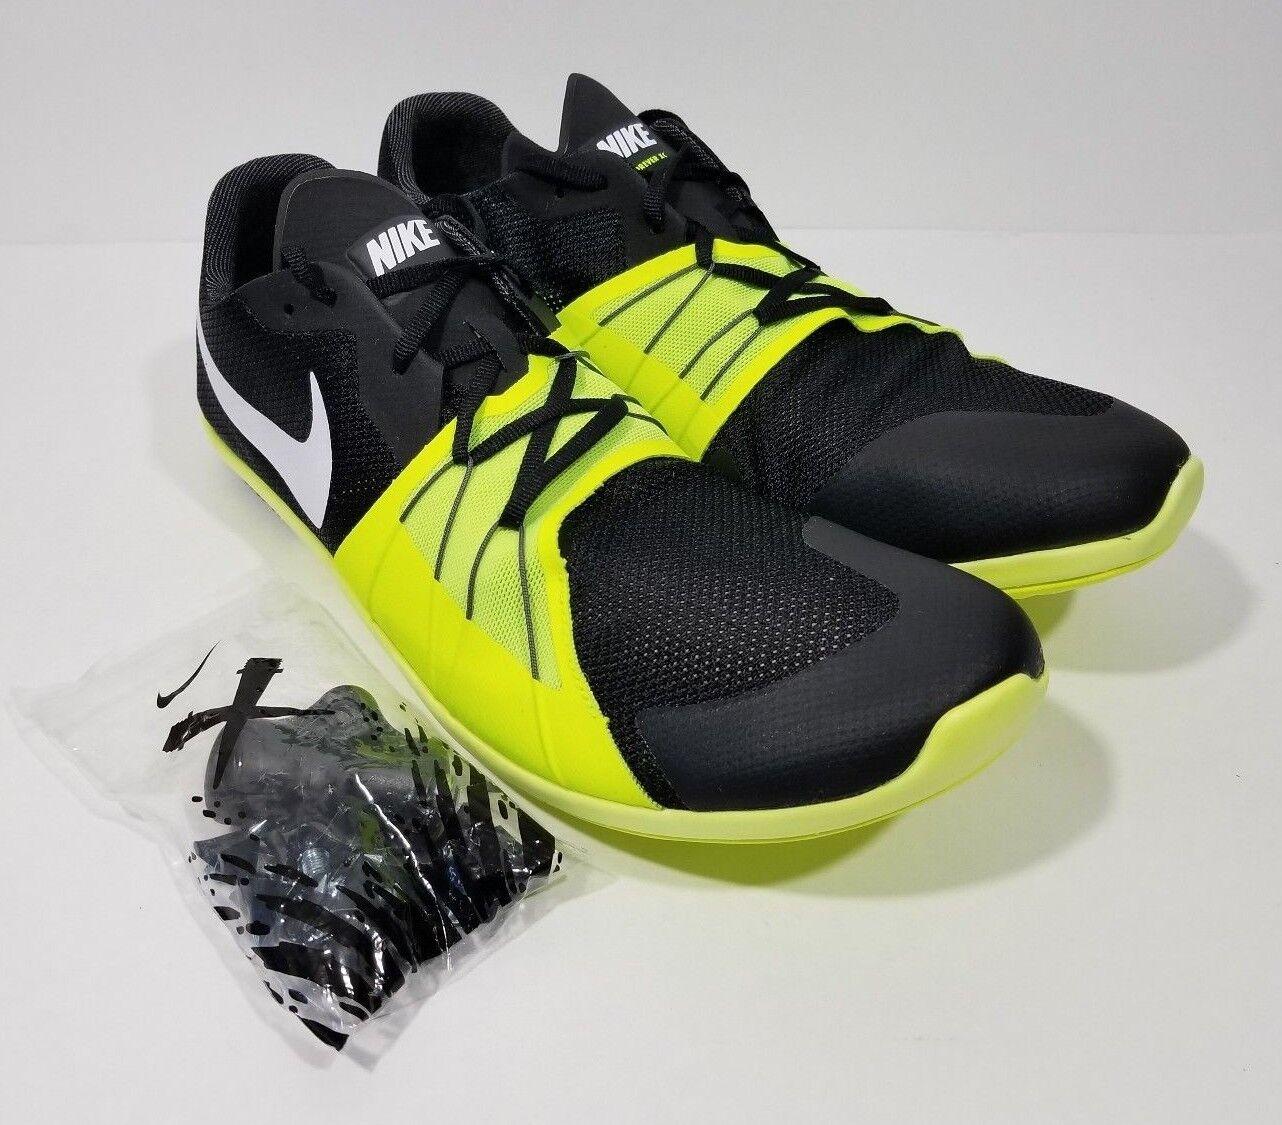 Nike zoom sempre 5 xc Uomo traccia 10,5 spike nero volt dimensioni 10,5 traccia ce21d8